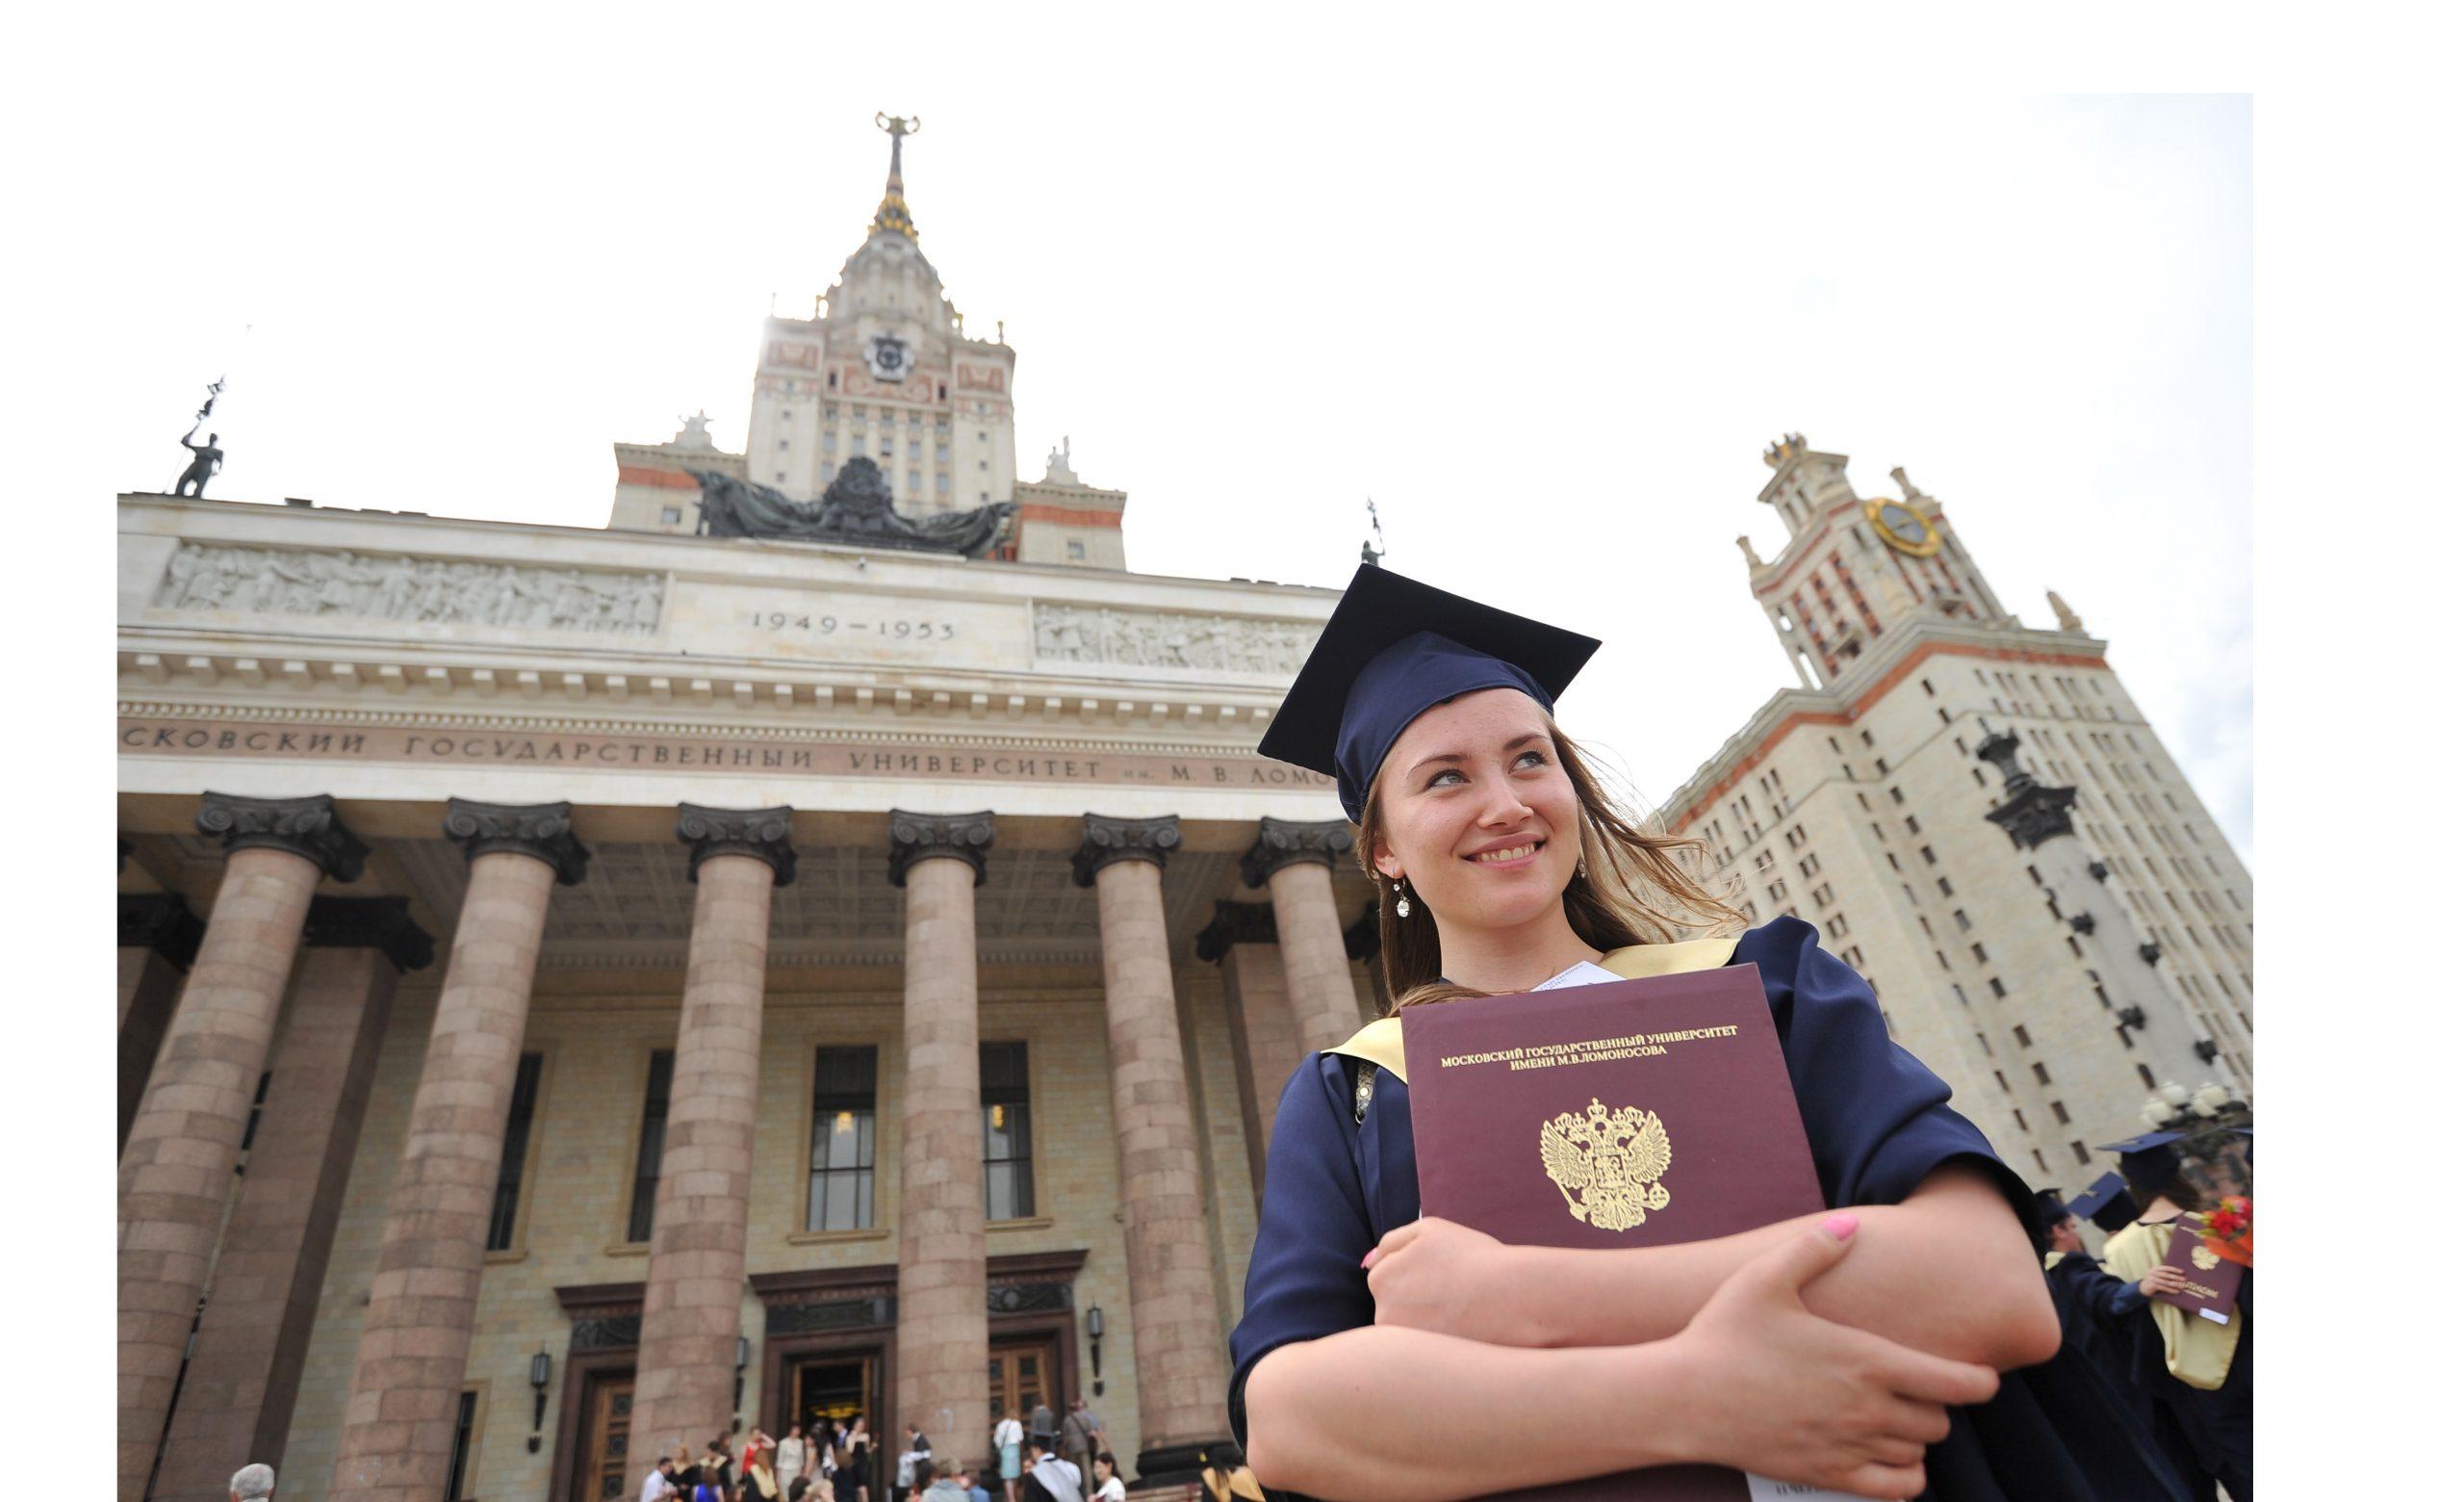 რუსეთში სწავლის მსურველთათვის - სტიპენდიებზე რეგისტრაცია დაიწყო!